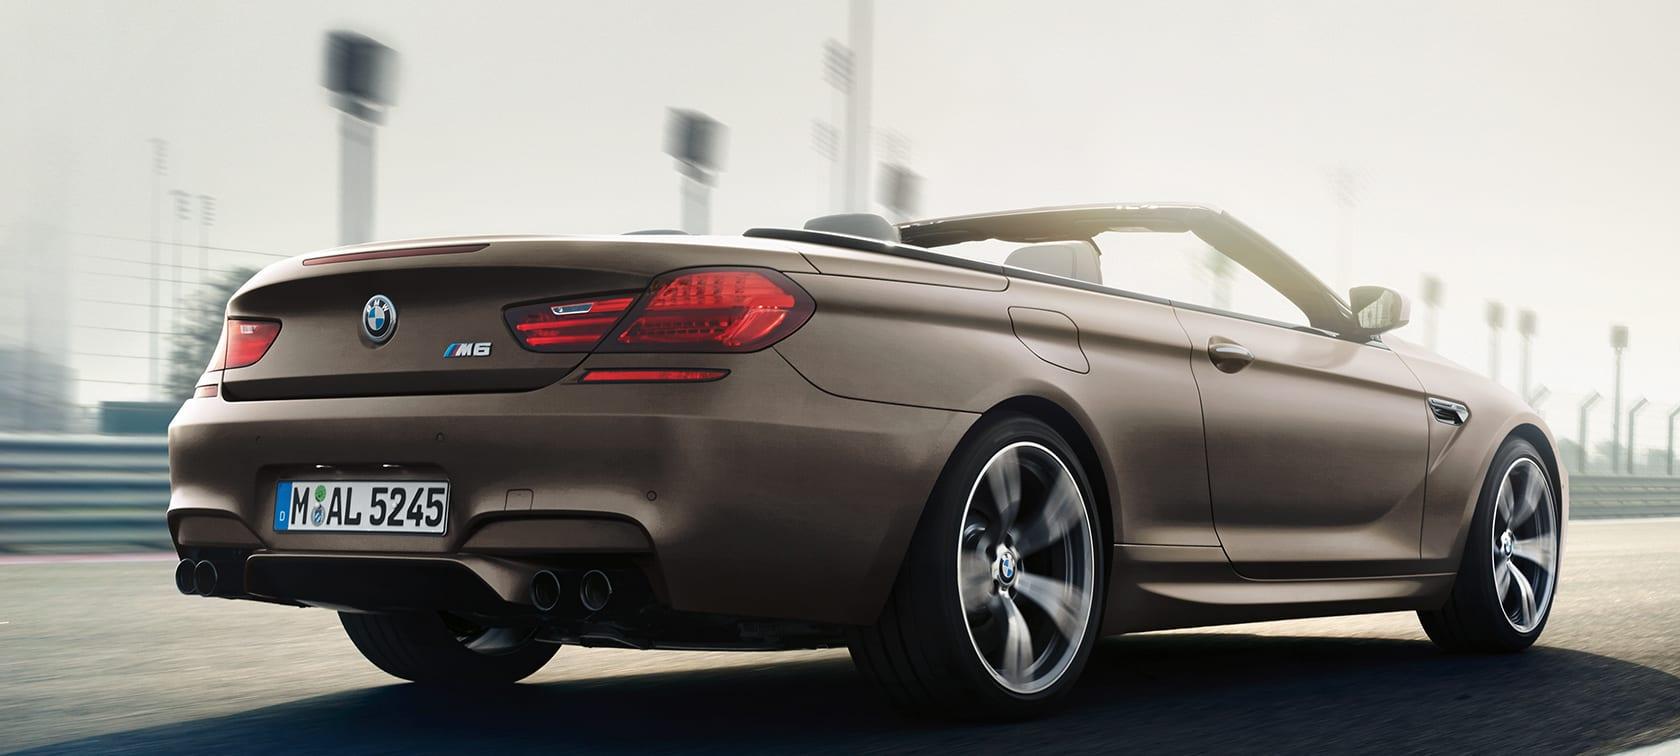 BMW m6 سيارة